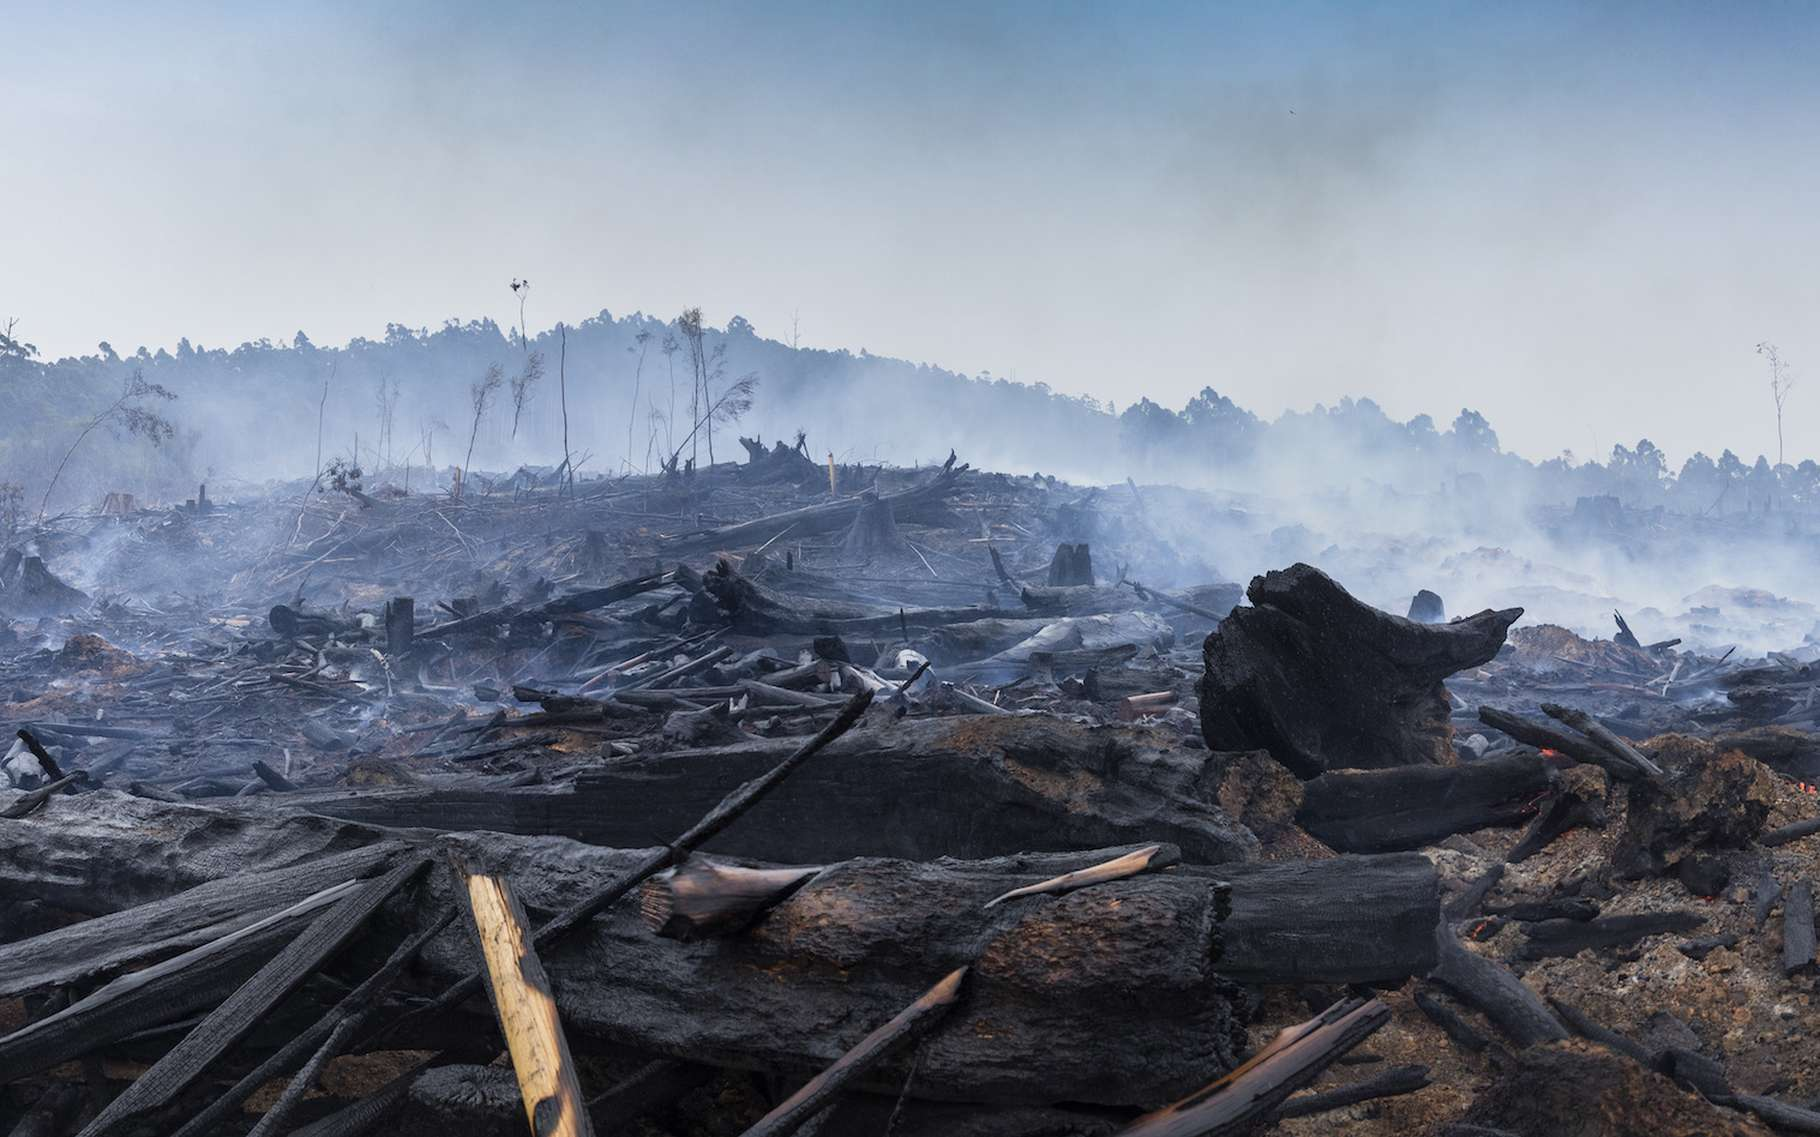 Les incendies en Australie ont en réalité tué plus de 400 personnes